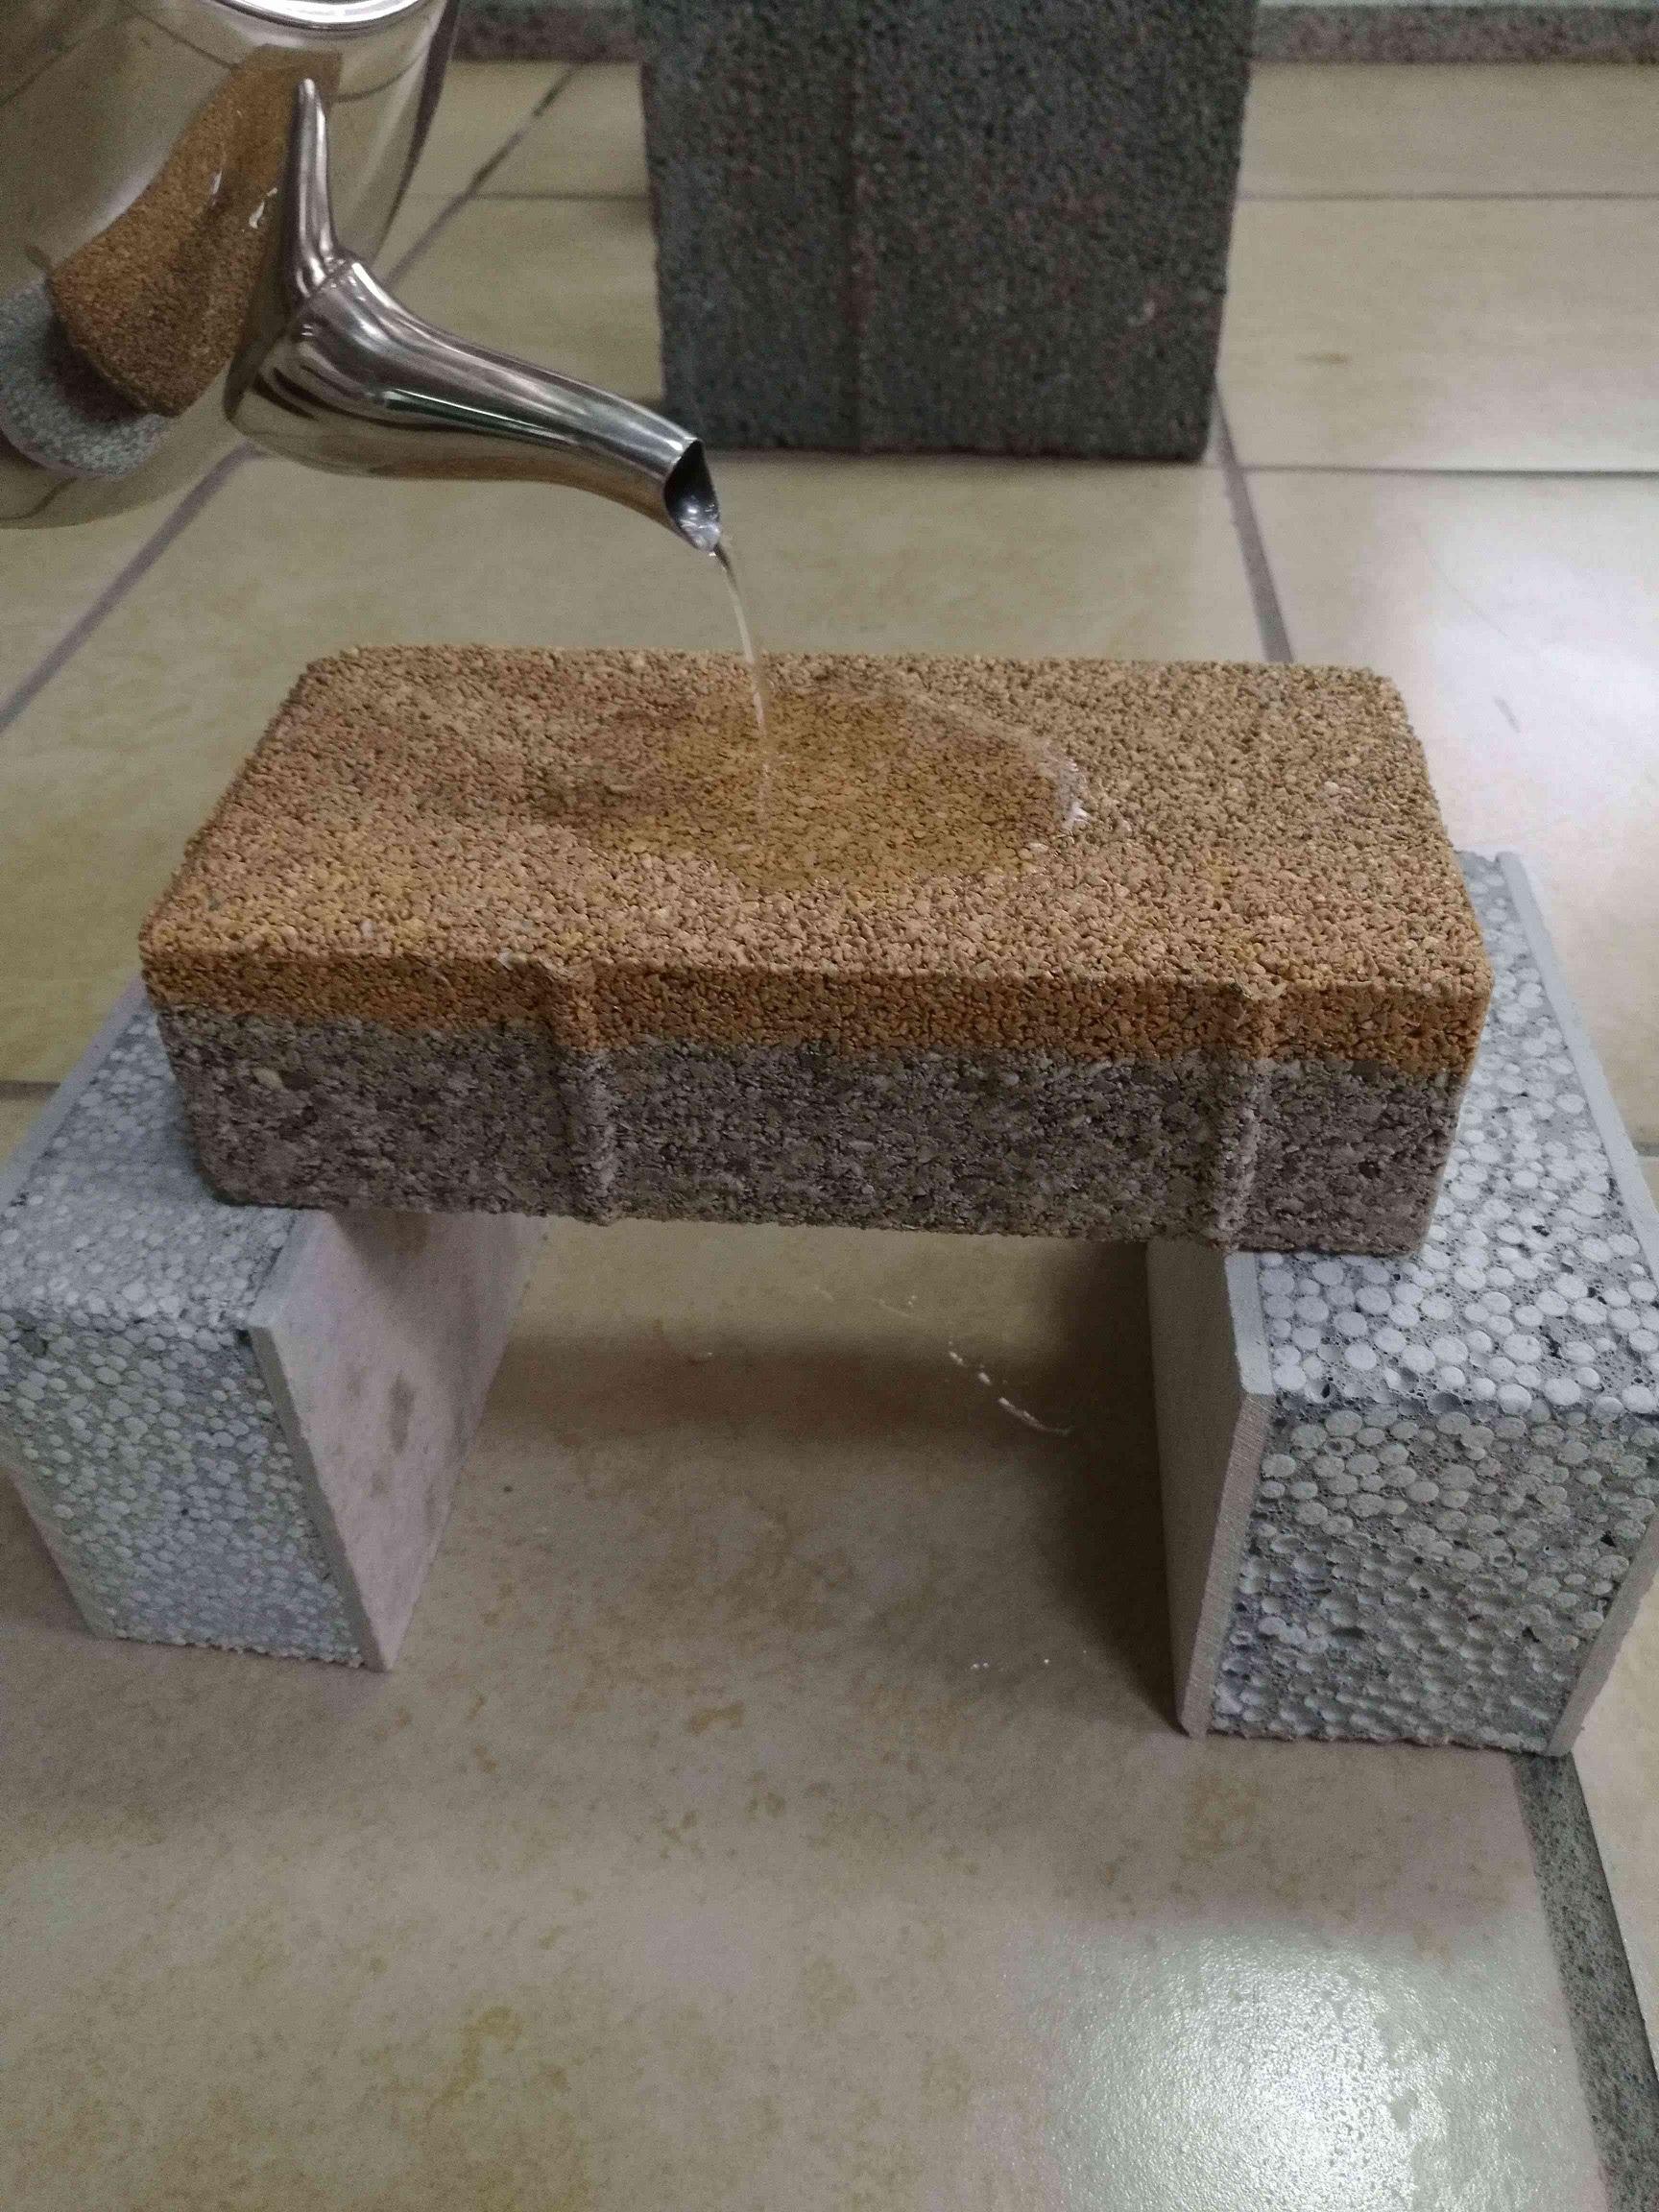 磚機專用的上海模具如何延長使用時間